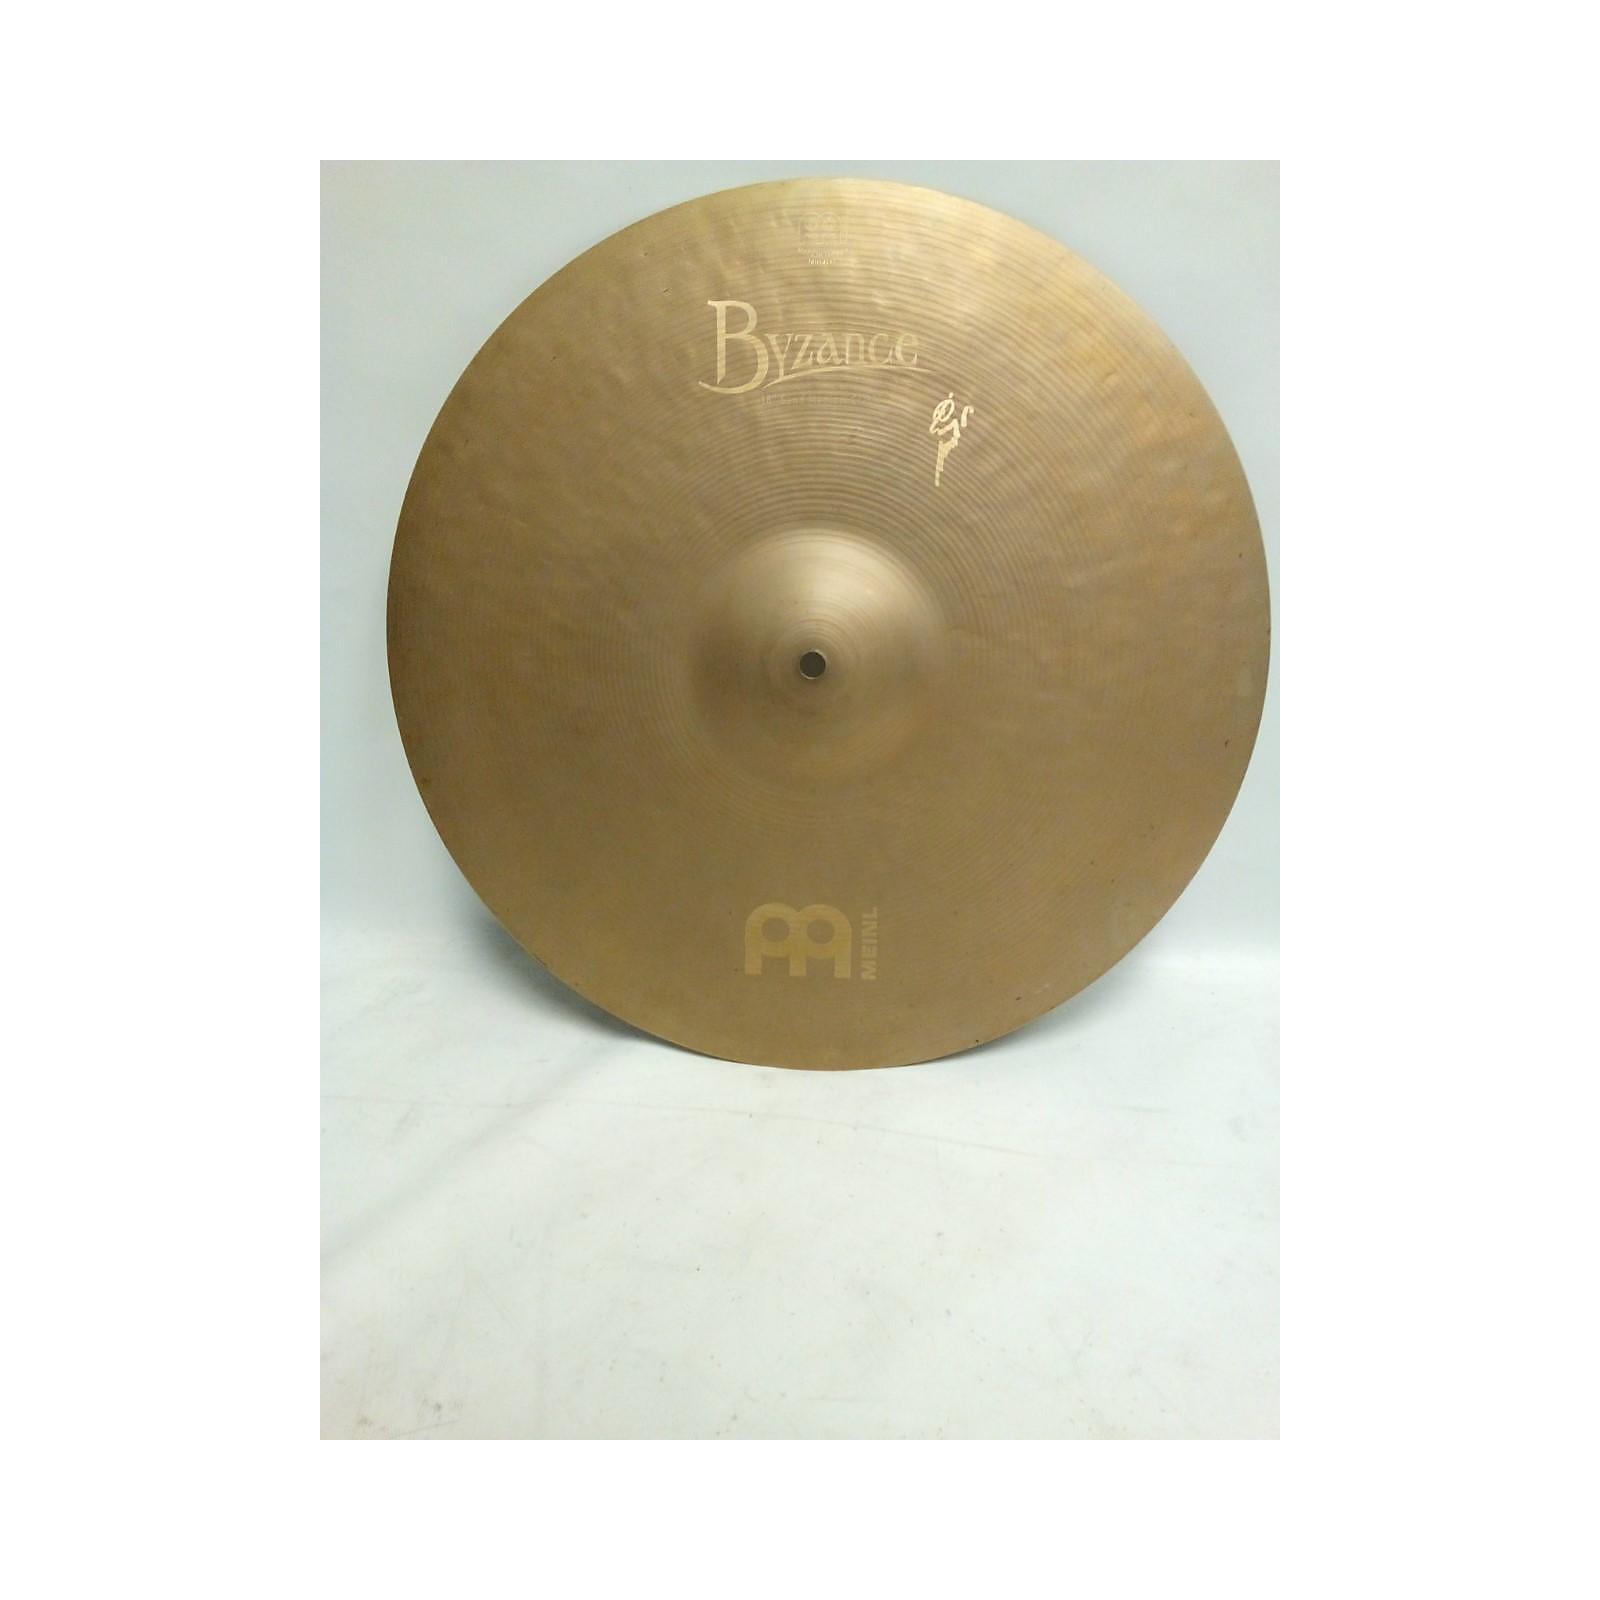 Meinl 18in Byzance 18 Sand Medium Crash Cymbal